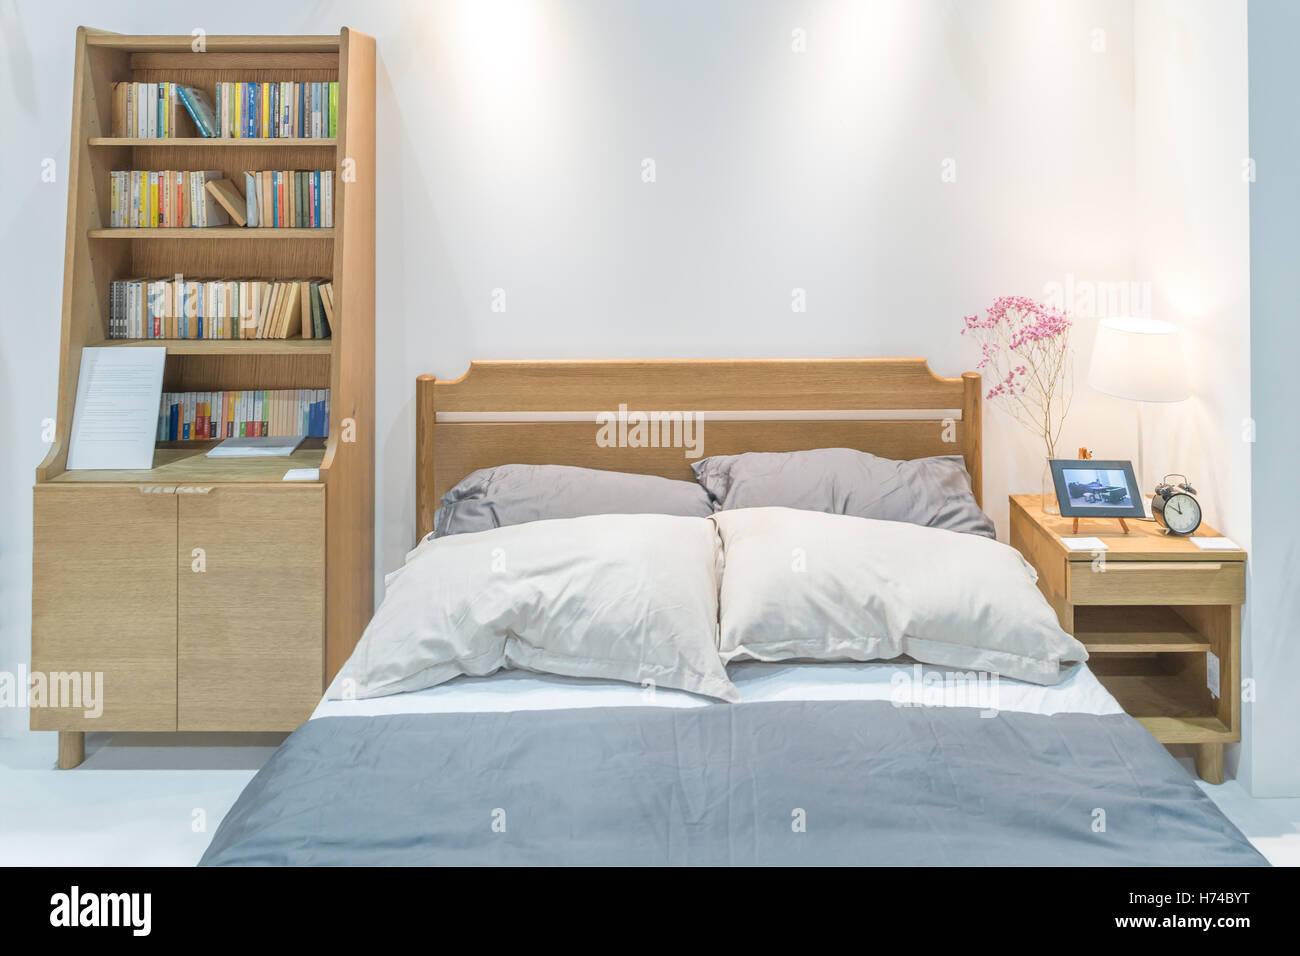 Moderno interiore camera da letto con letto in legno e scaffale in ...